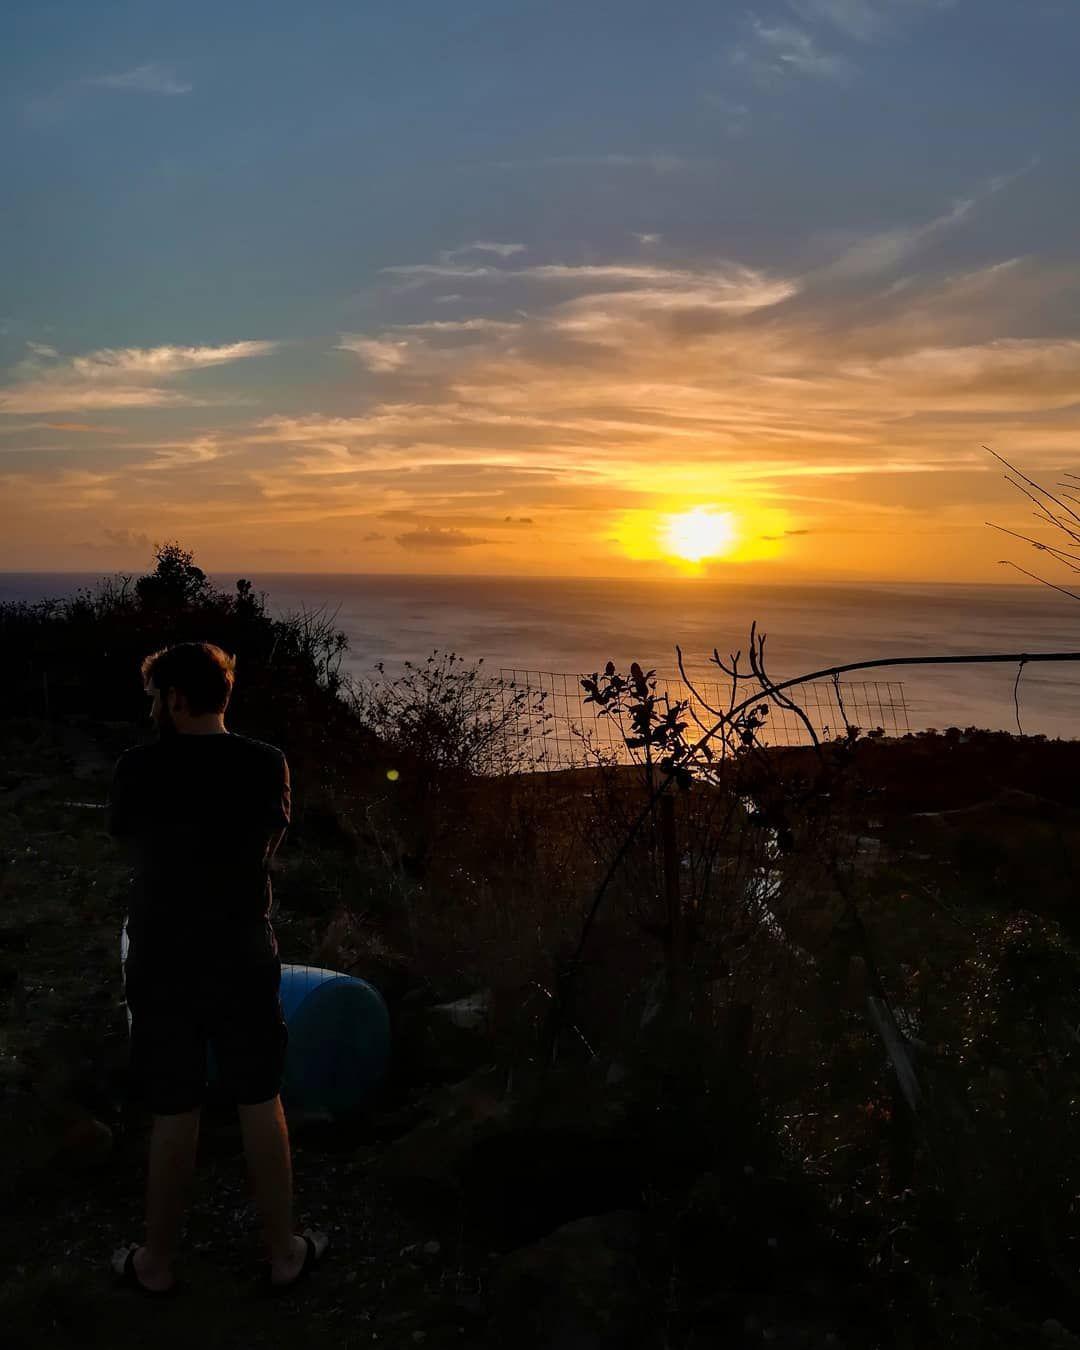 Abenteuerurlaub In Der Karibik Willkommen Auf Dominica The Nature Island Dieser Inselstaat Liegt In Den Kleinen Antillen I In 2020 Outdoor Celestial Sunset